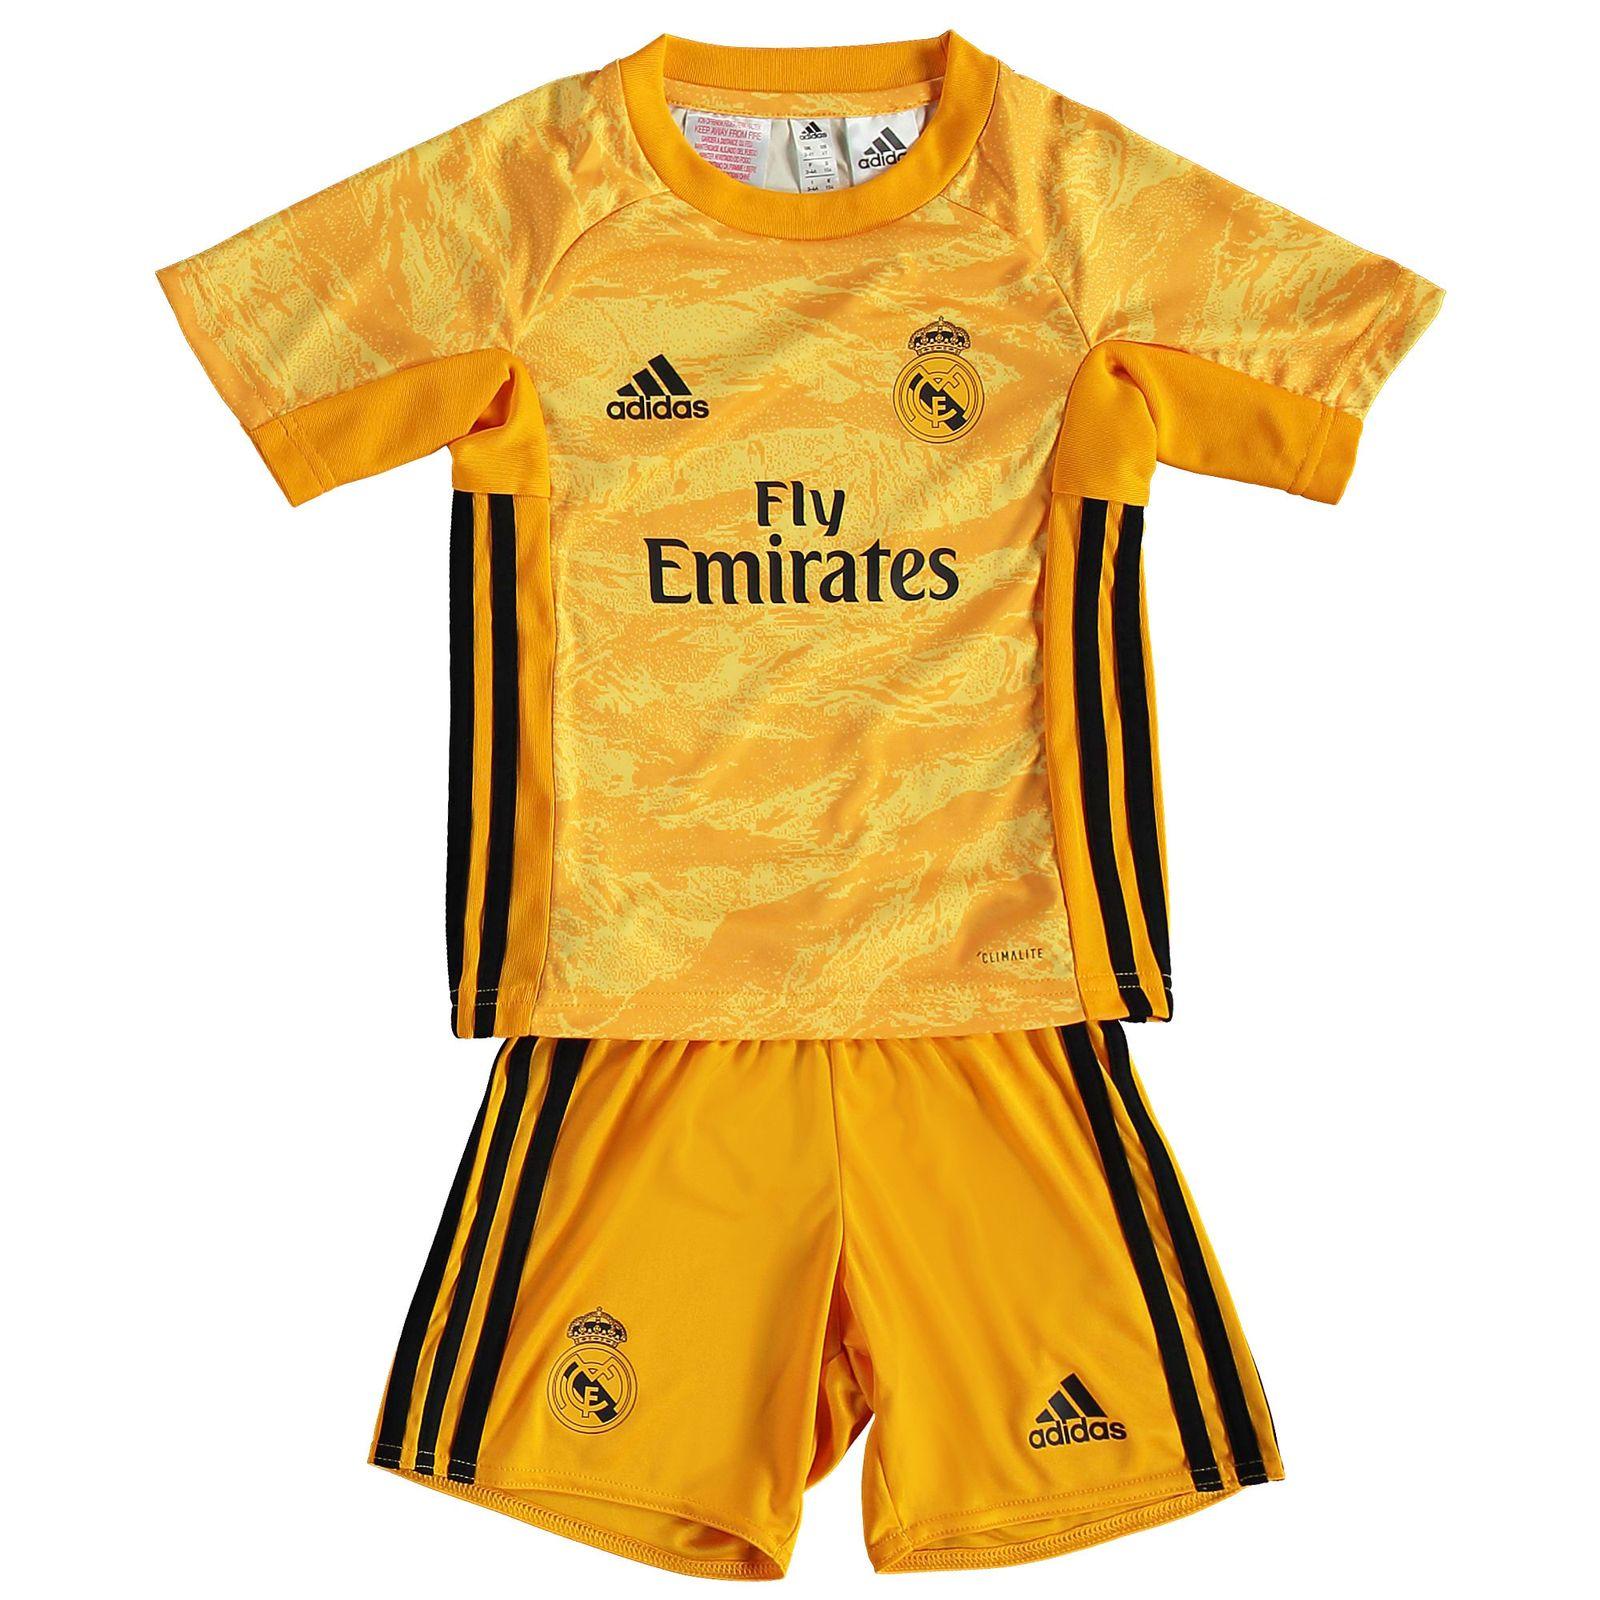 Real Madrid 19-20 Goalkeeper Kit Released - Footy Headlines